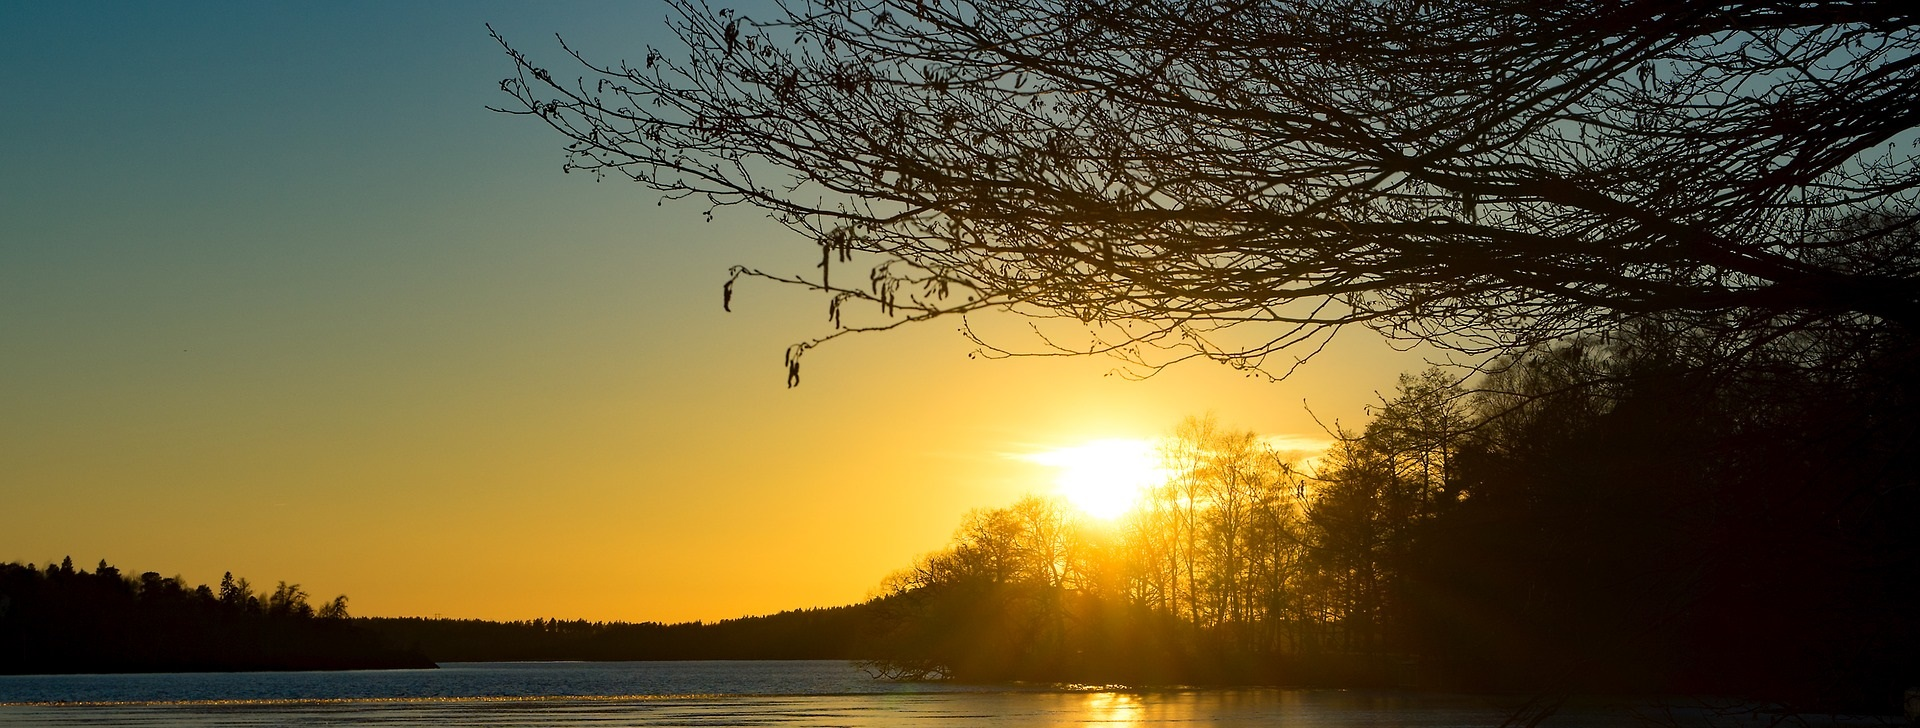 Solnedgång över skog och frusen sjö.